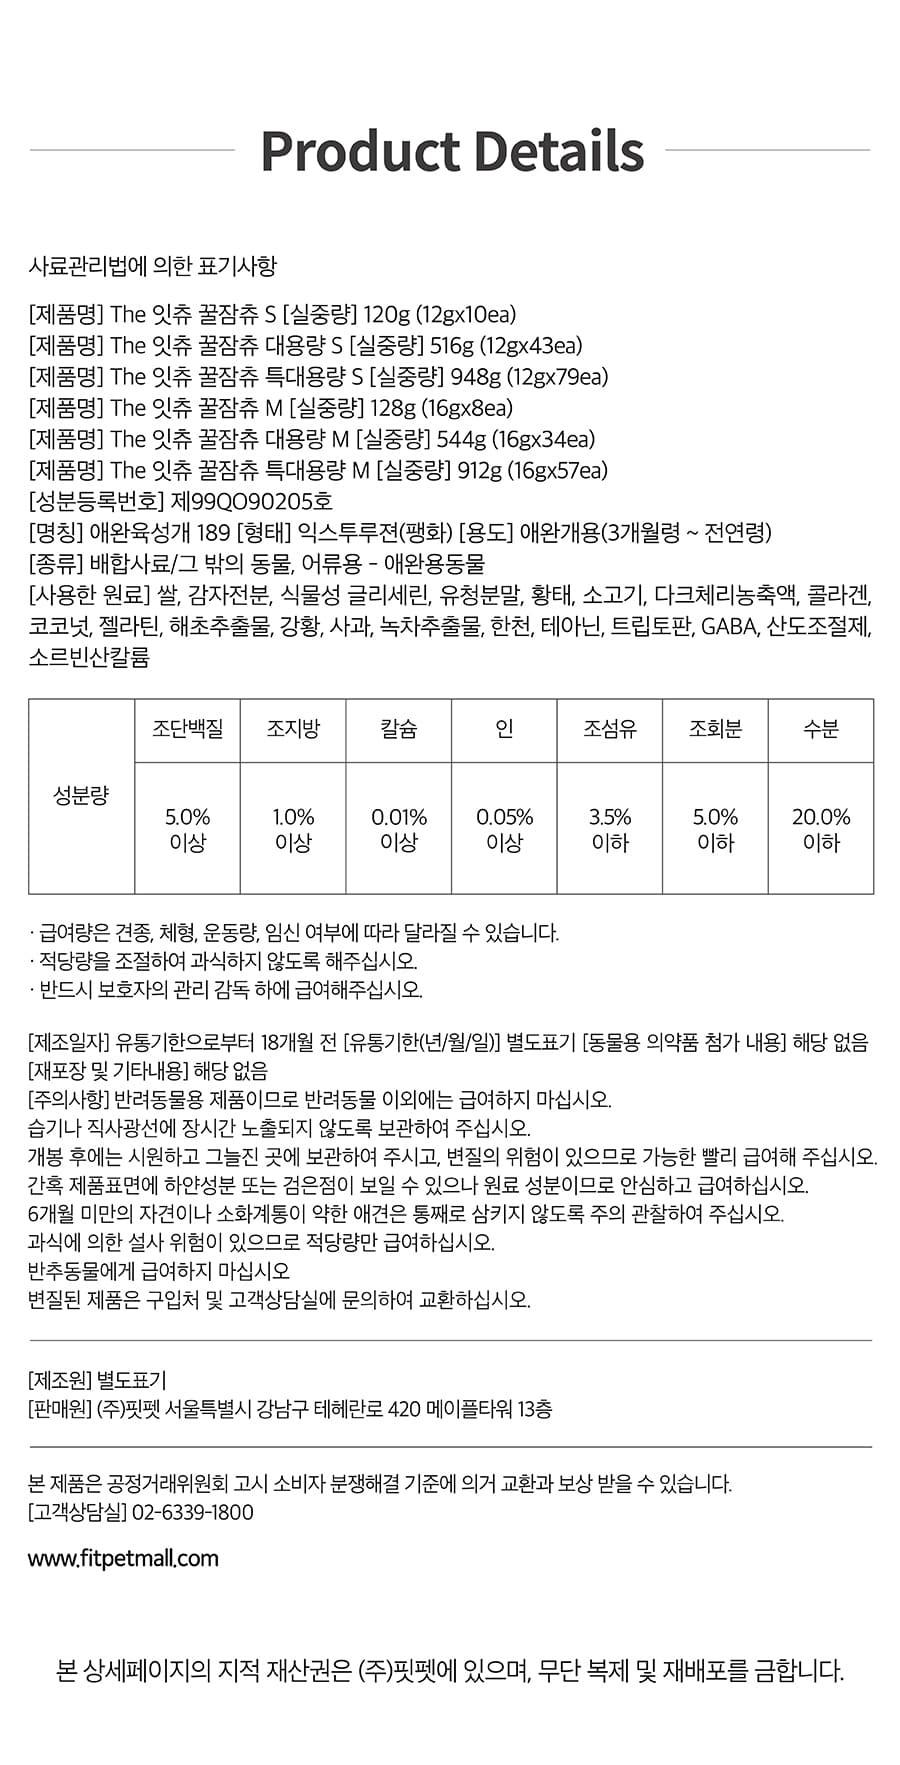 [EVENT] it 더 잇츄 꿀잠츄 (소고기&체리)-상품이미지-23